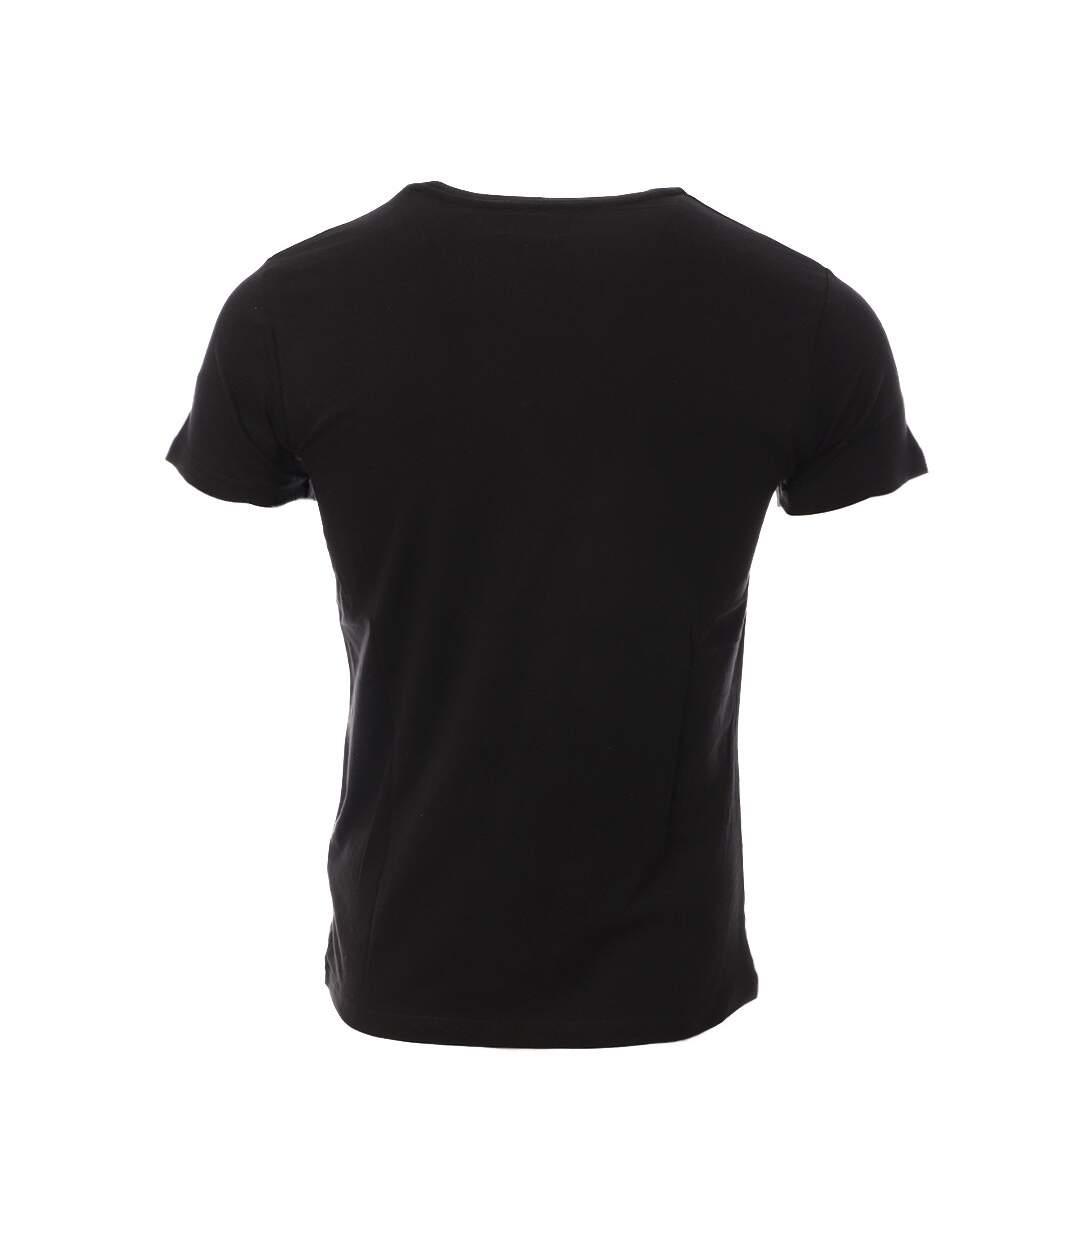 T-shirt Noir Homme Schott Salvin